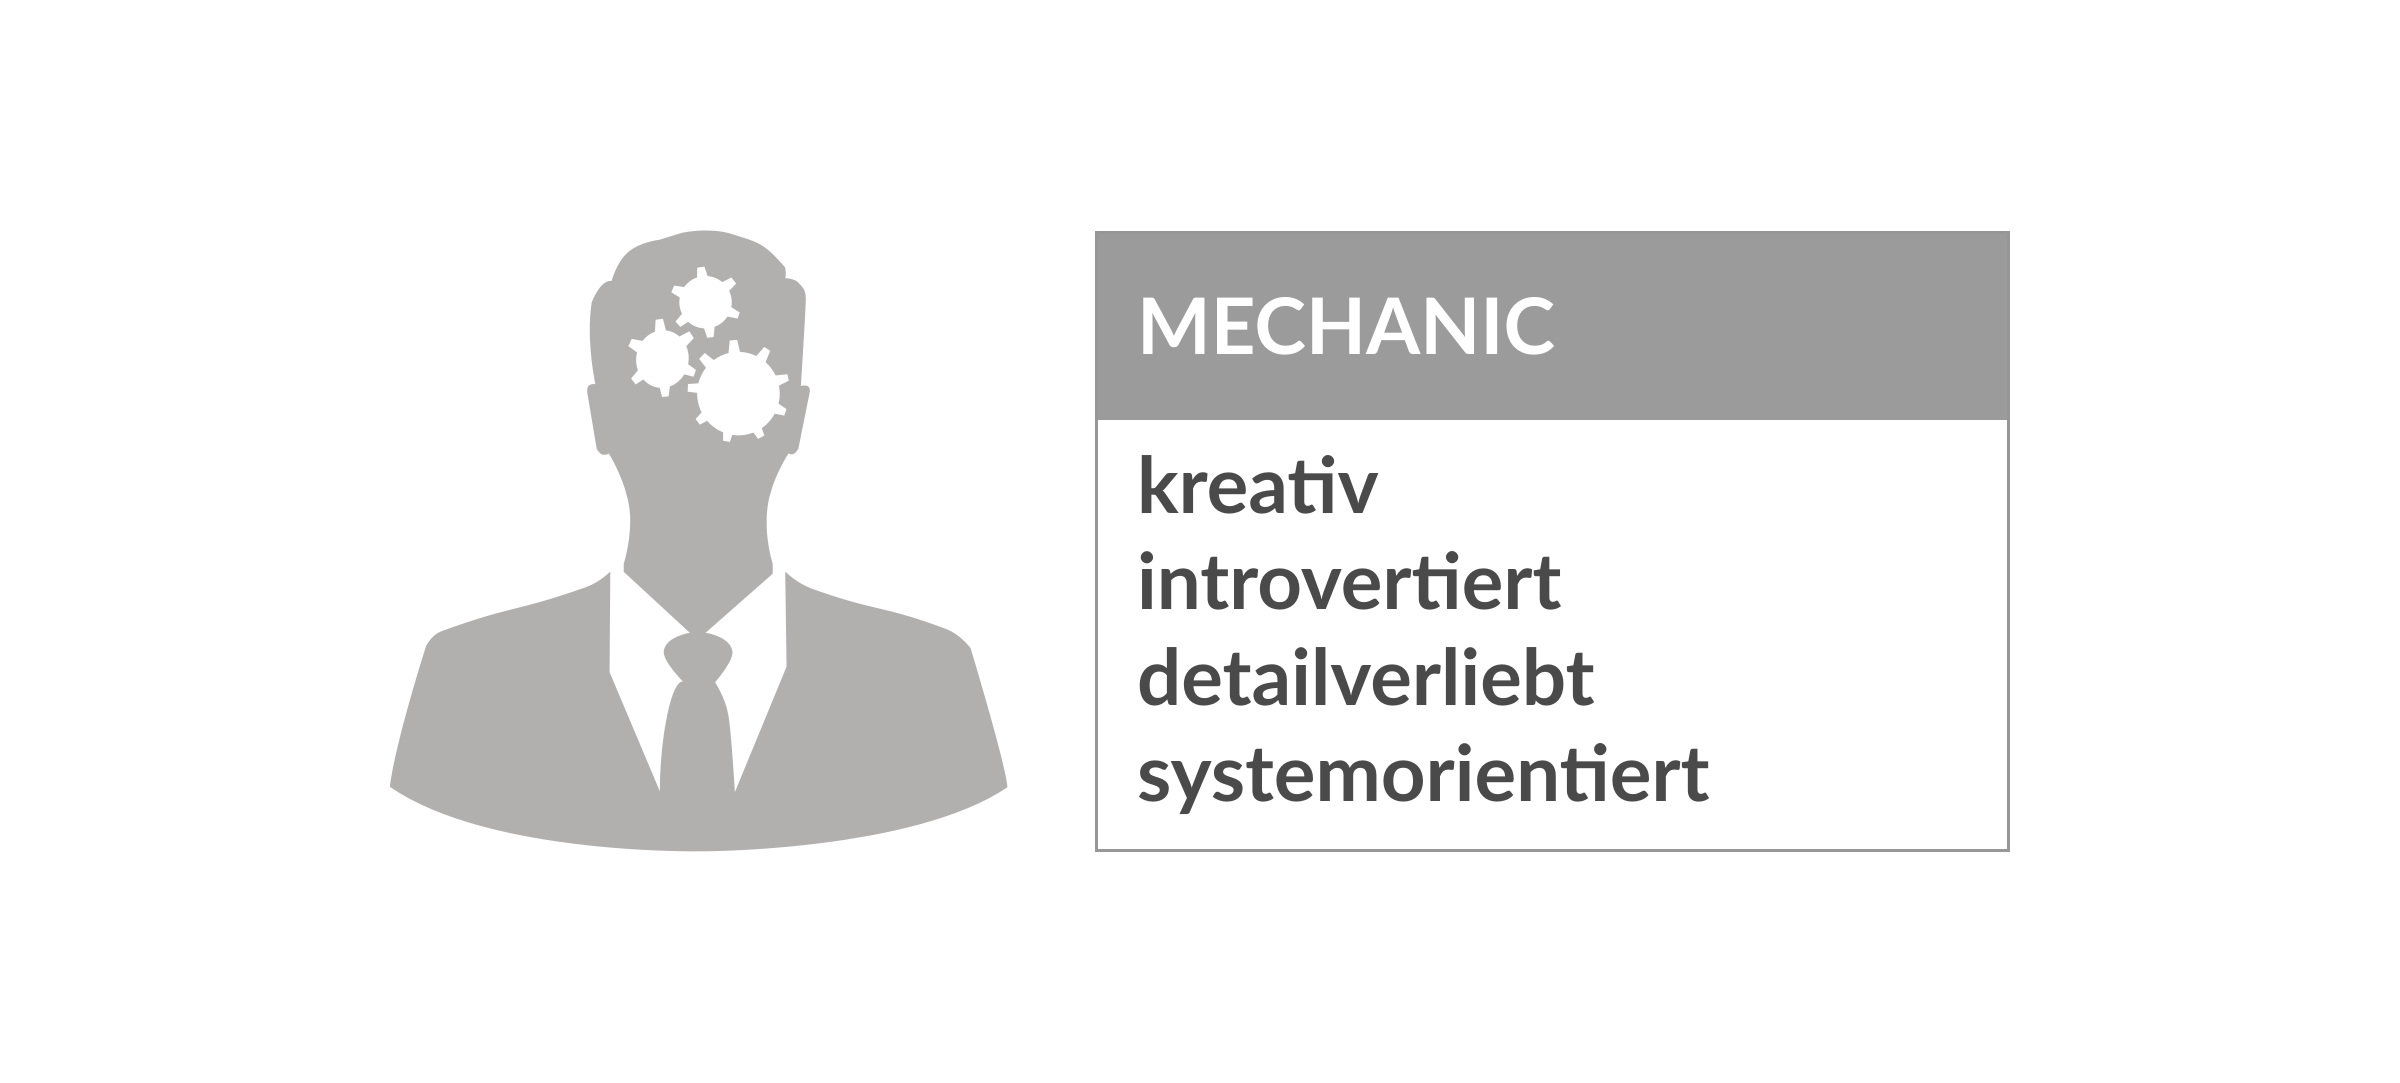 Persönlichkeitstype Mechanic